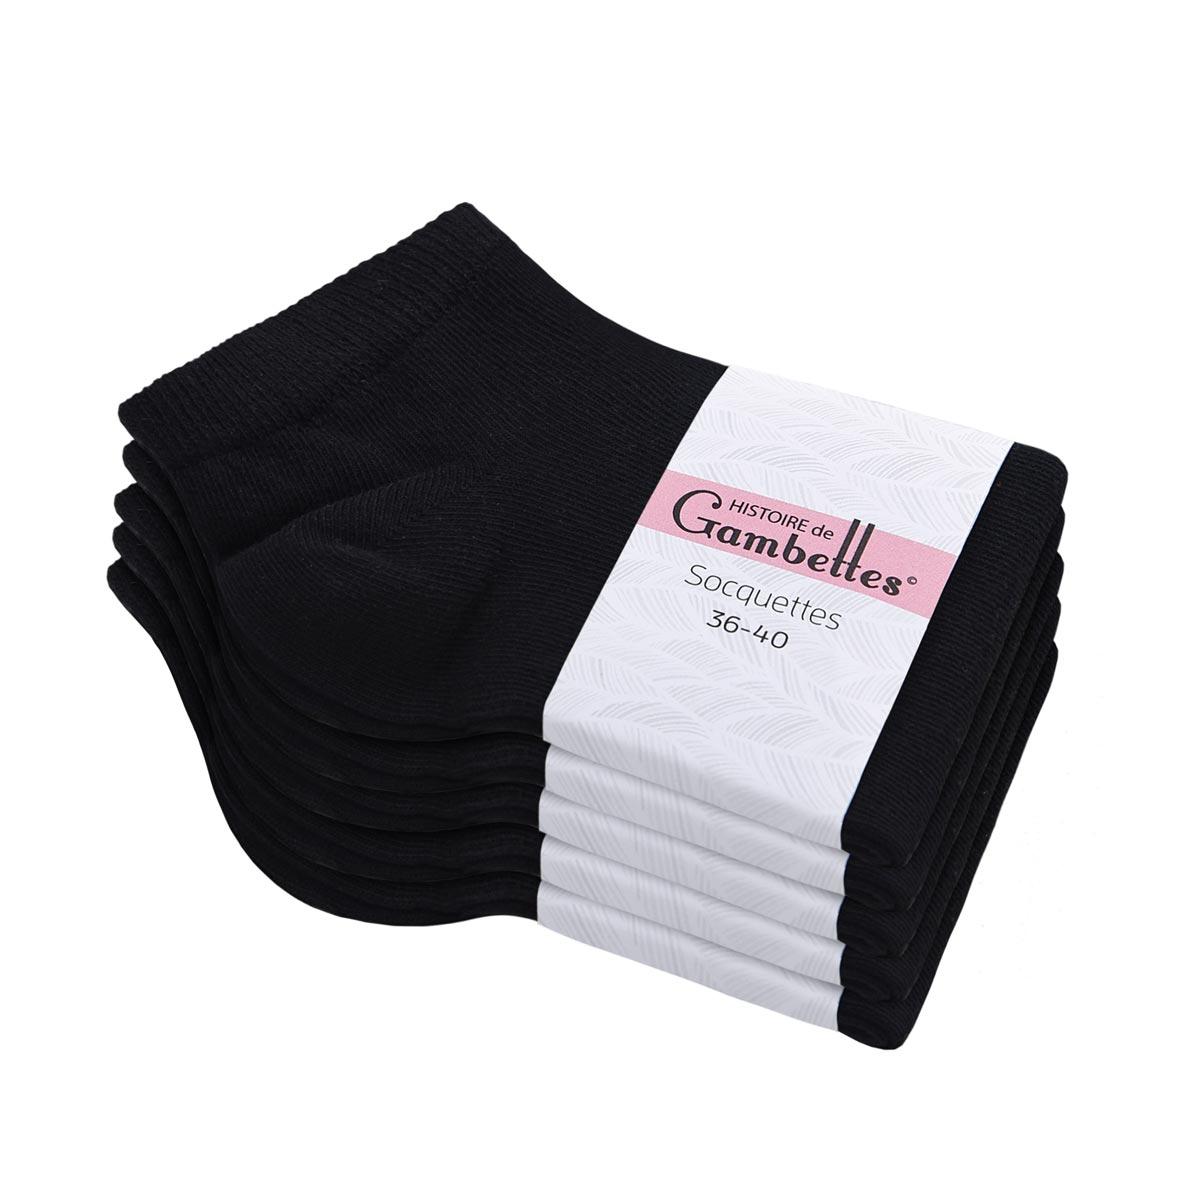 CH-00351_E12-1--_Soquettes-coton-femme-noir-5-paires